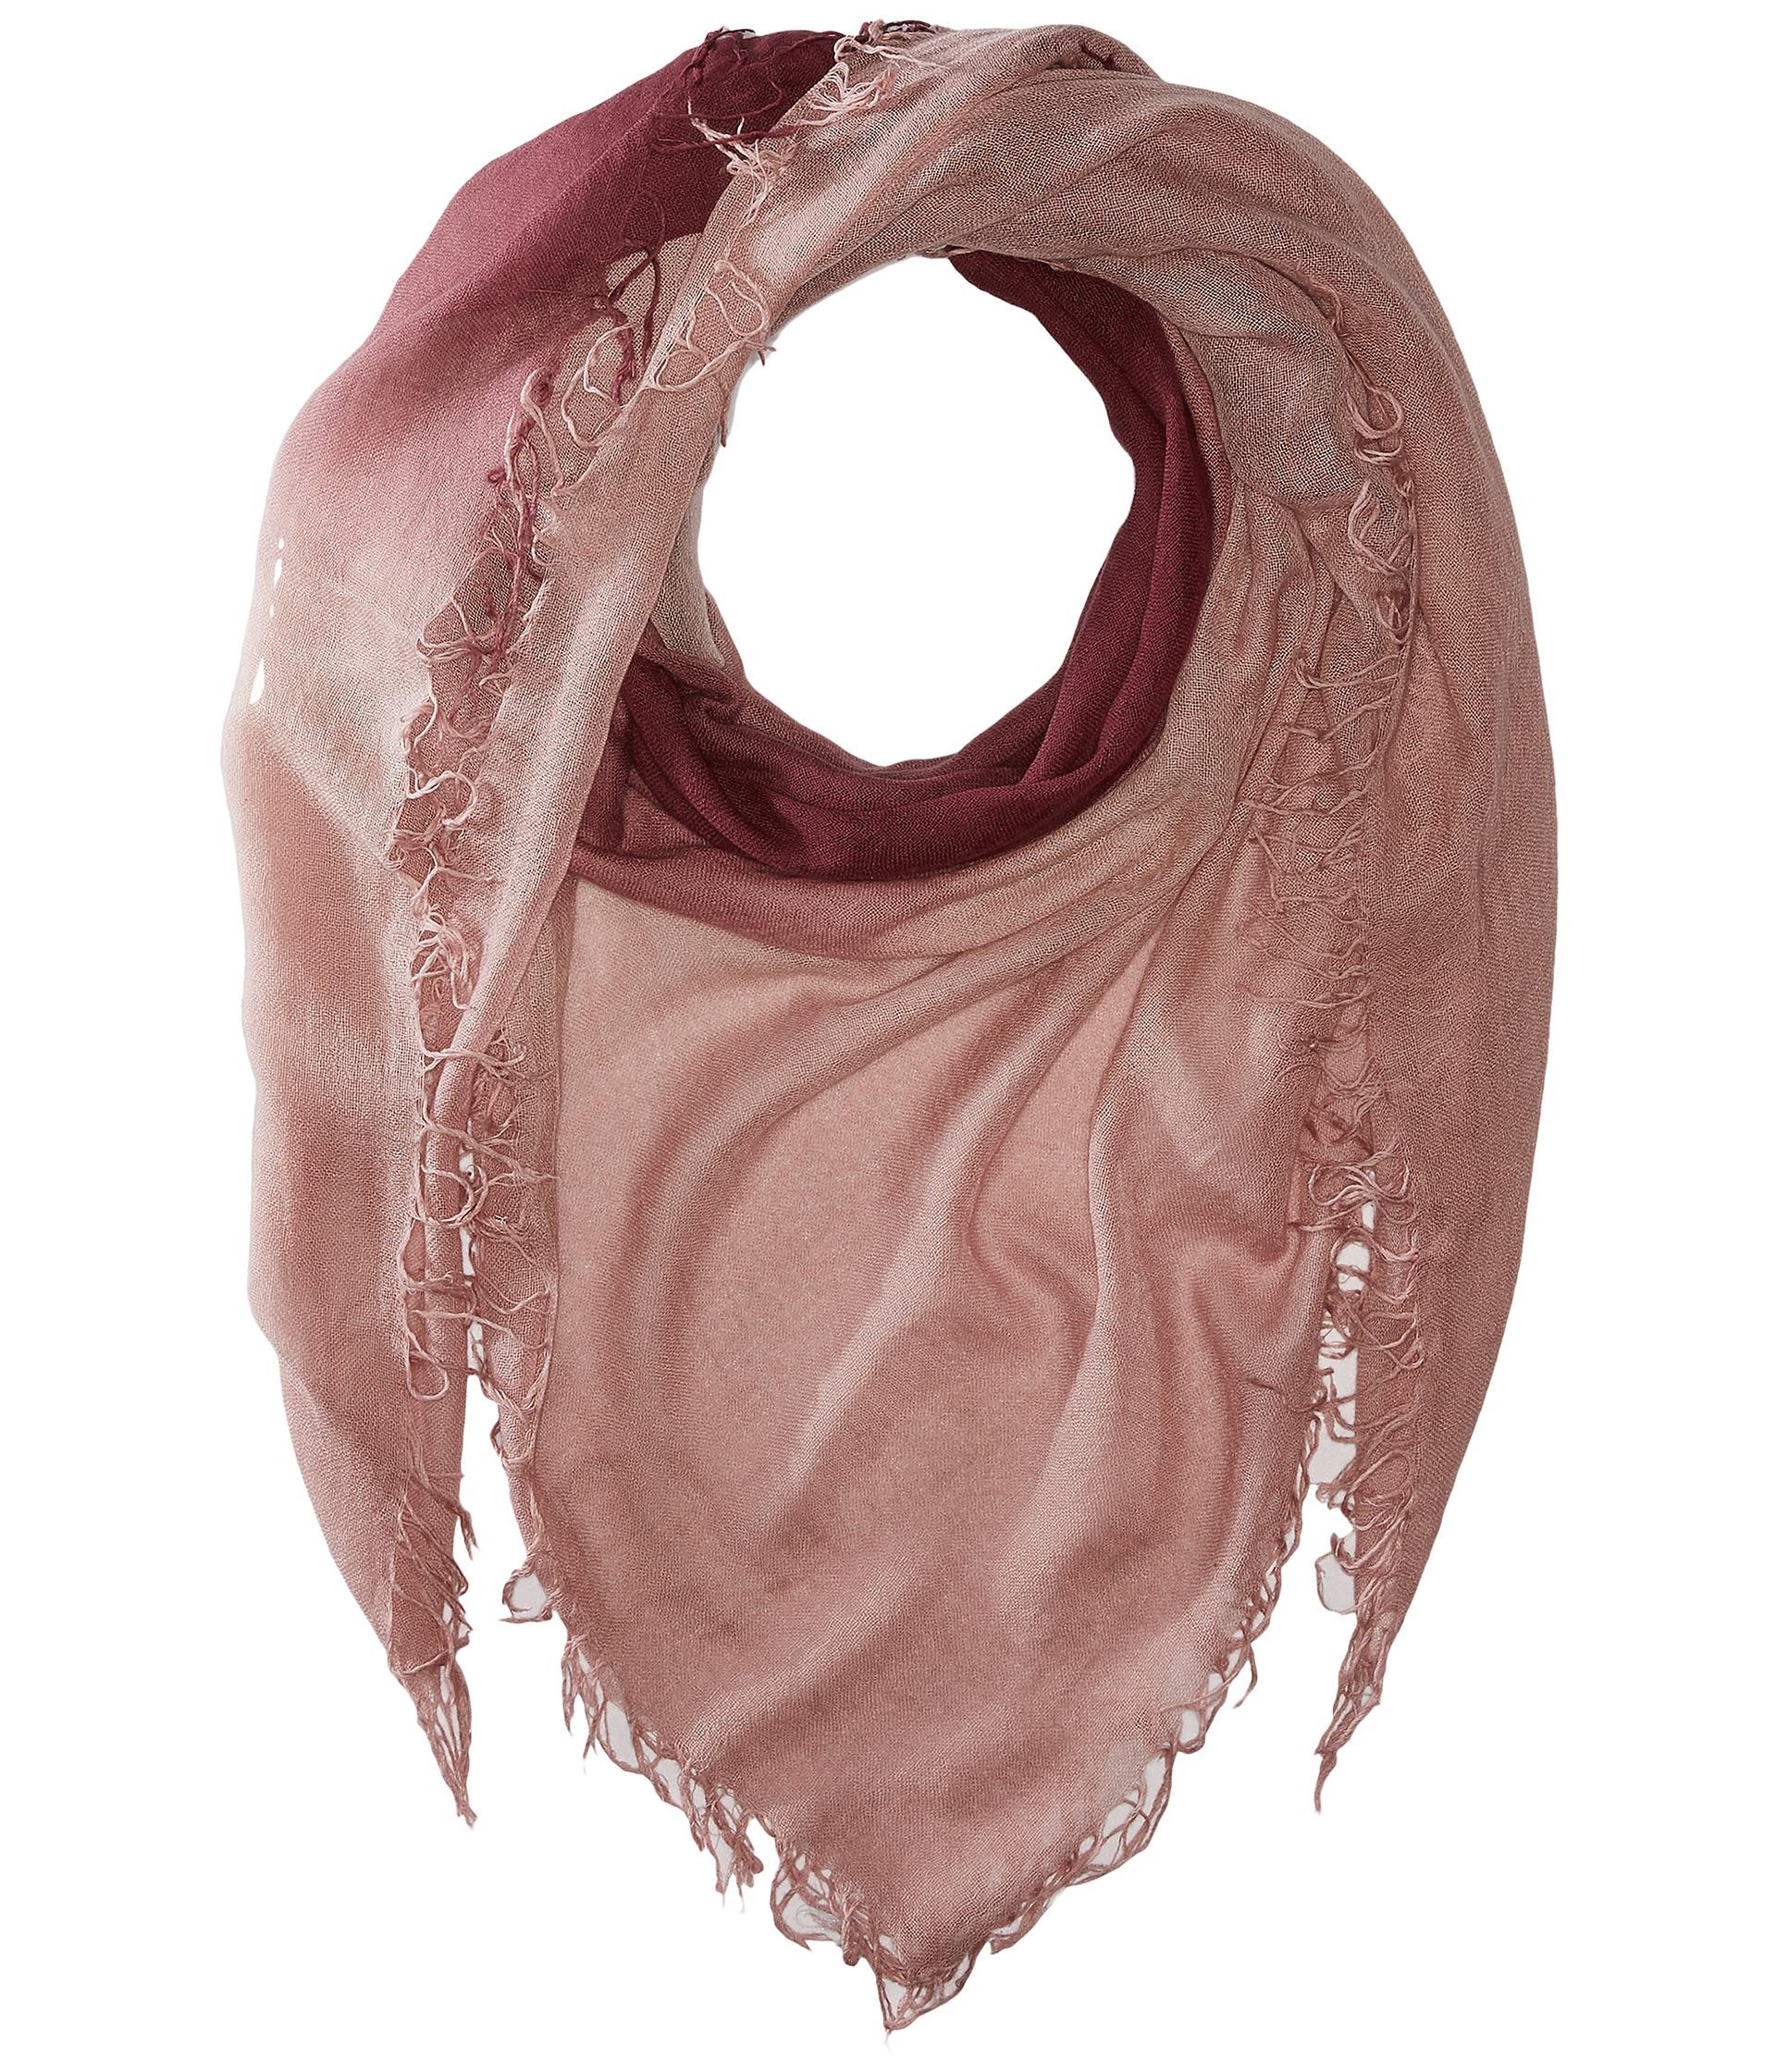 chan luu shadow dye scarf at zappos